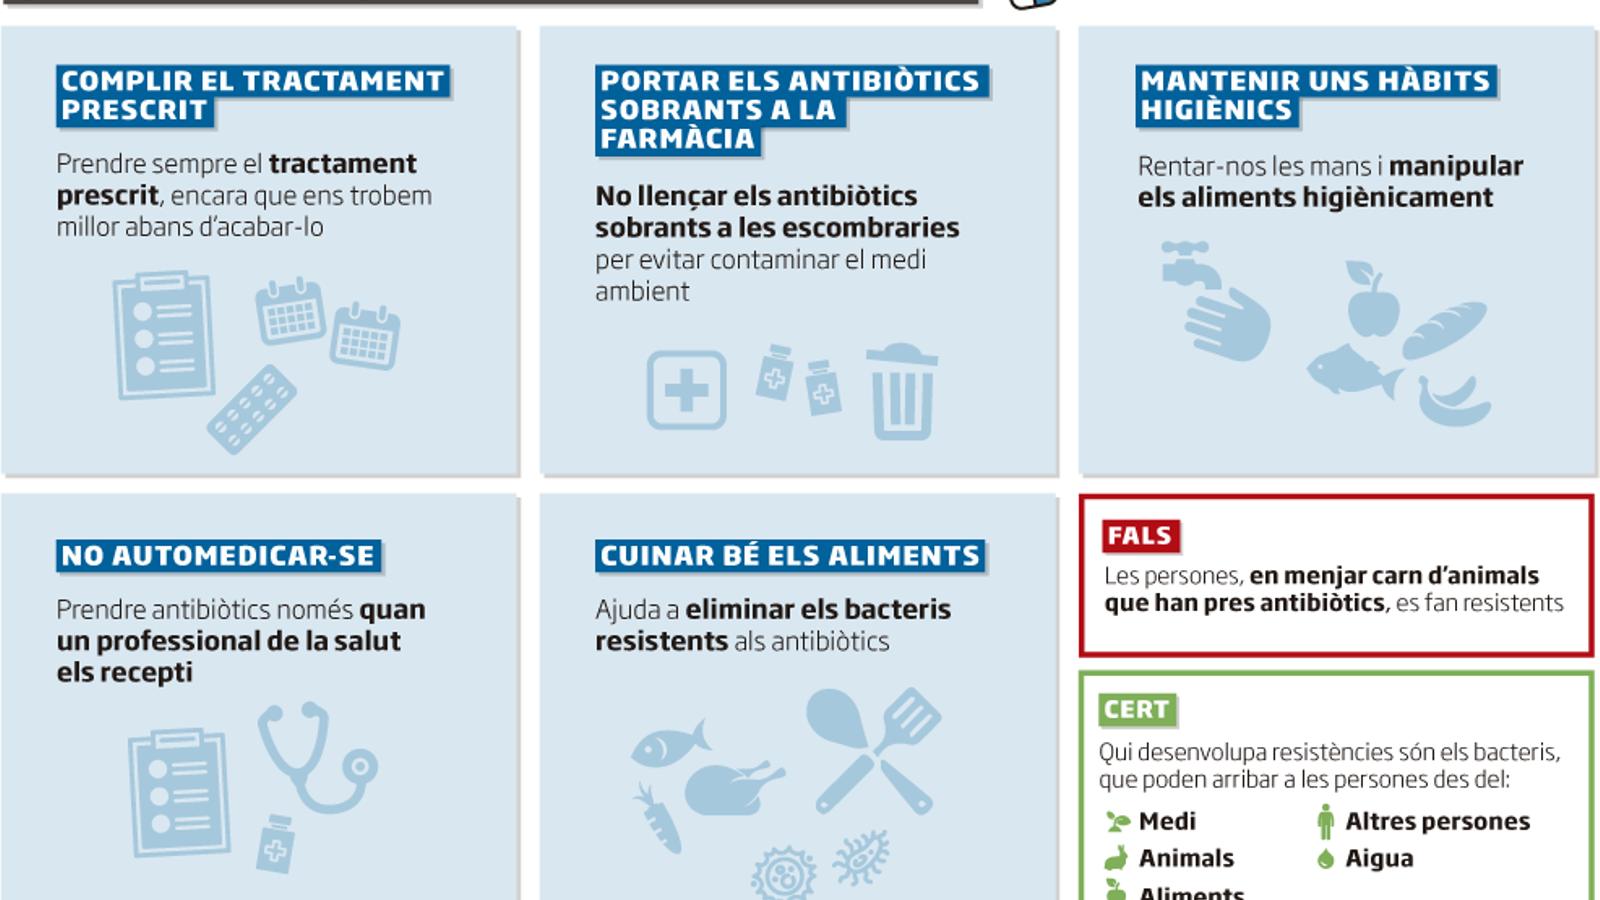 La meitat dels antibiòtics es consumeixen incorrectament